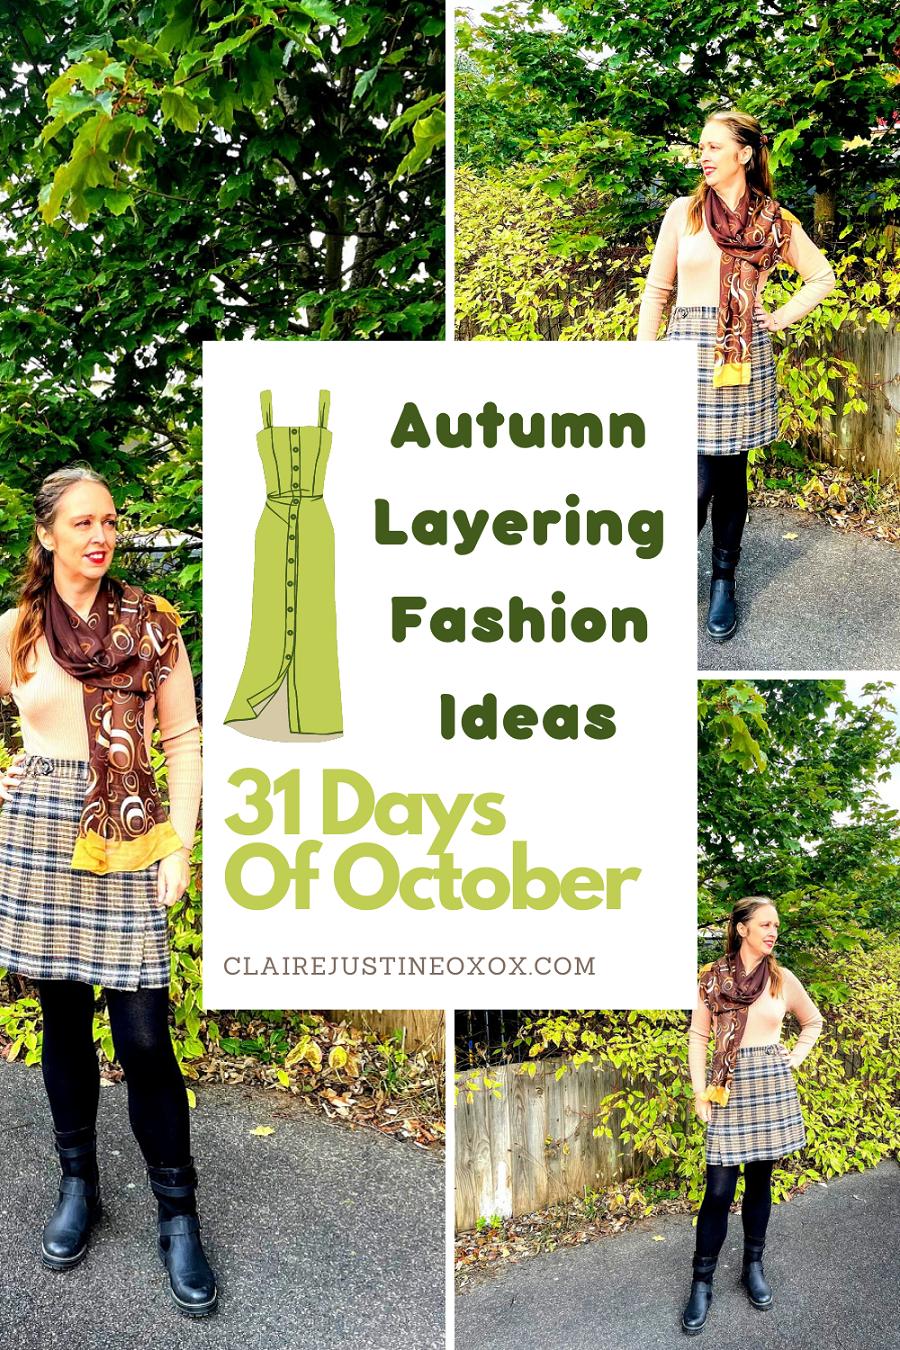 Autumn Layering Fashion Ideas